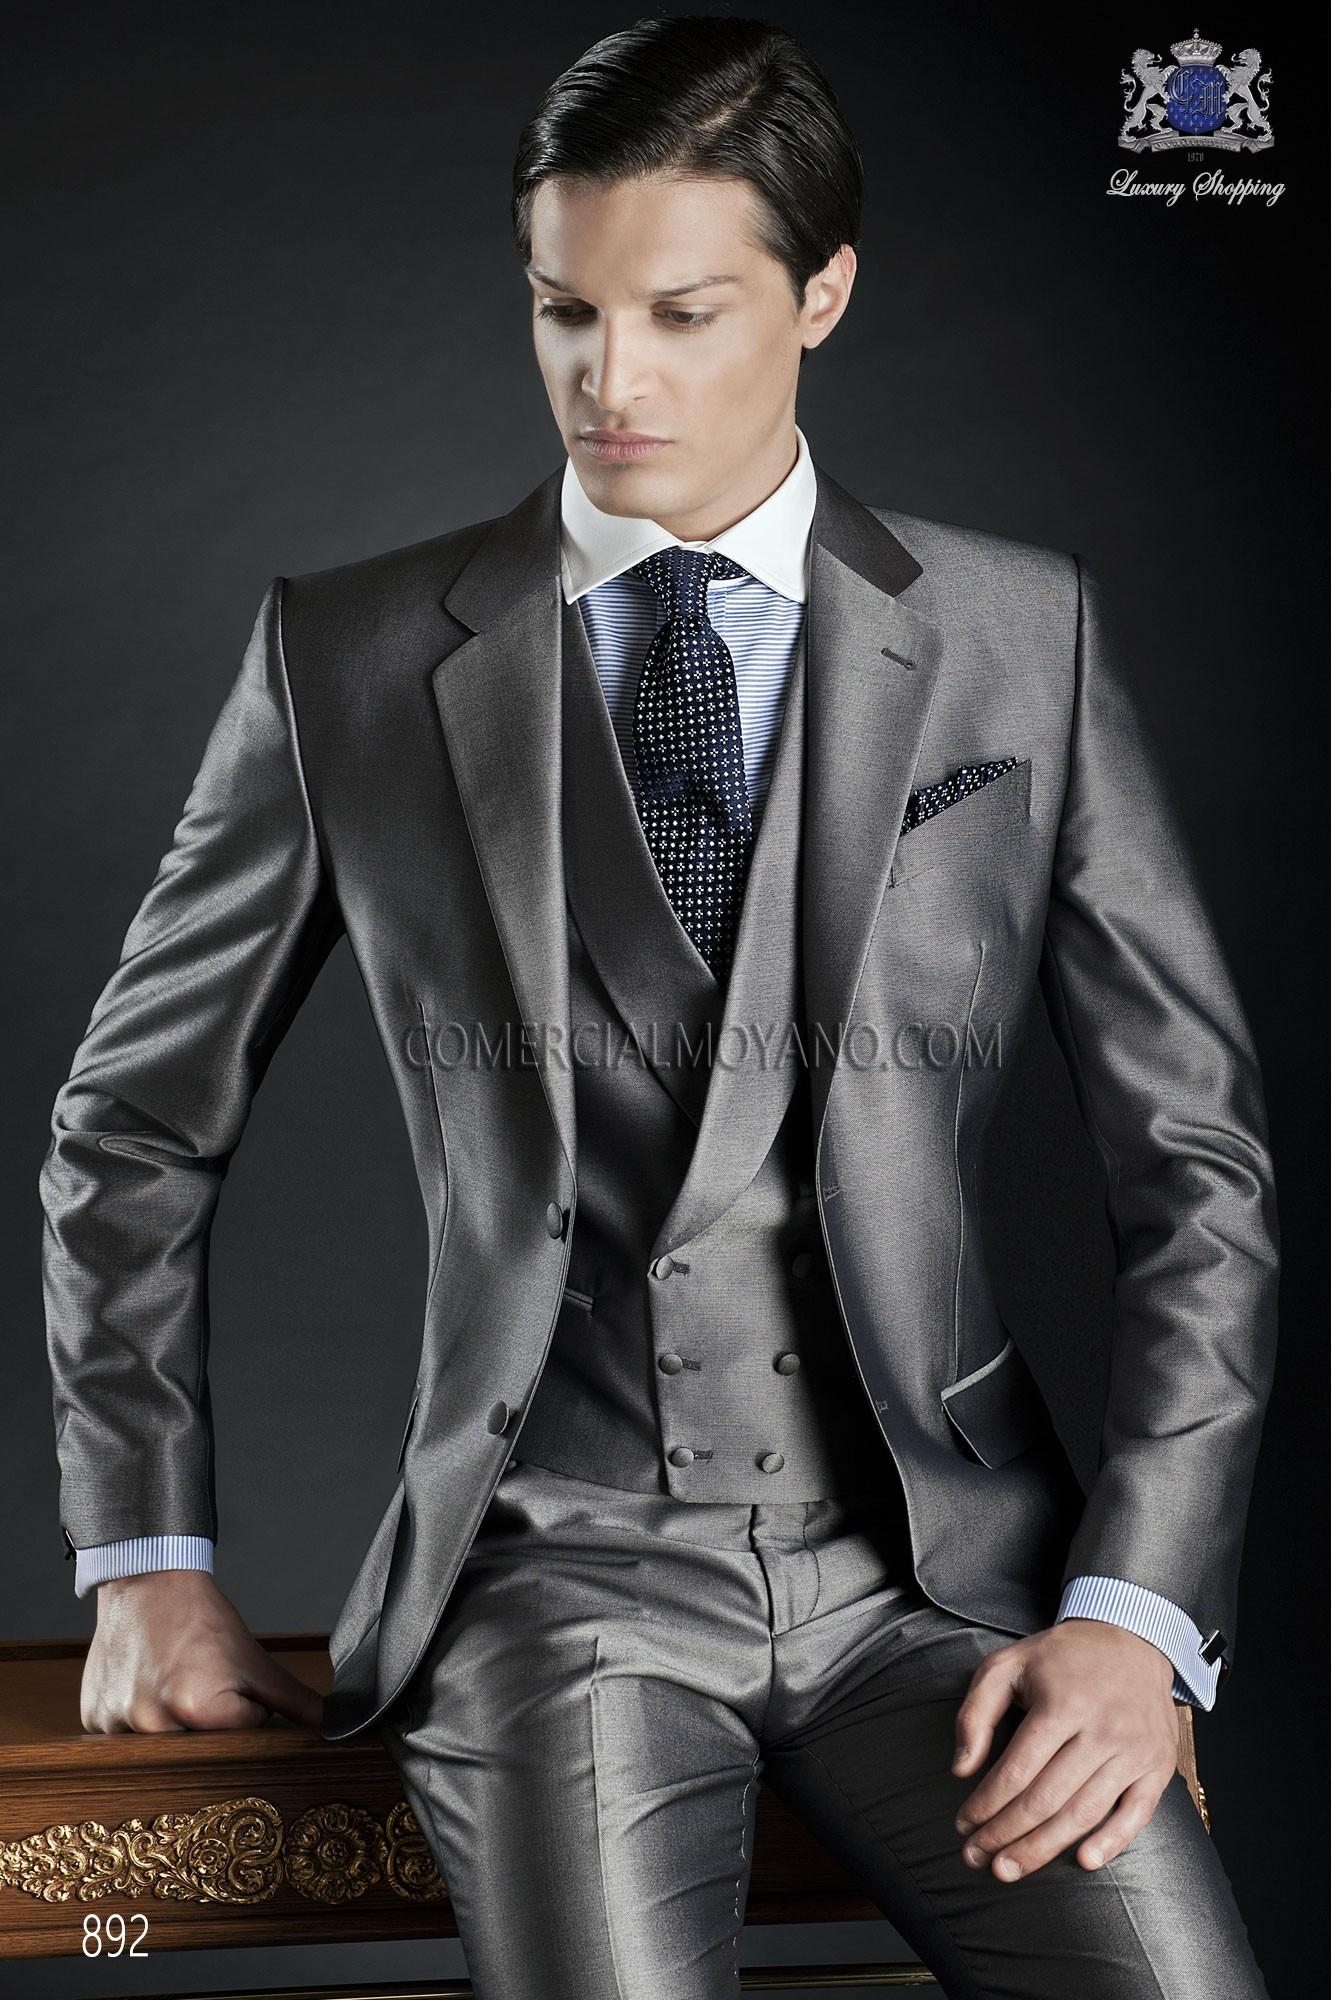 Gentleman pearl gray men wedding suit model 892 Ottavio Nuccio Gala